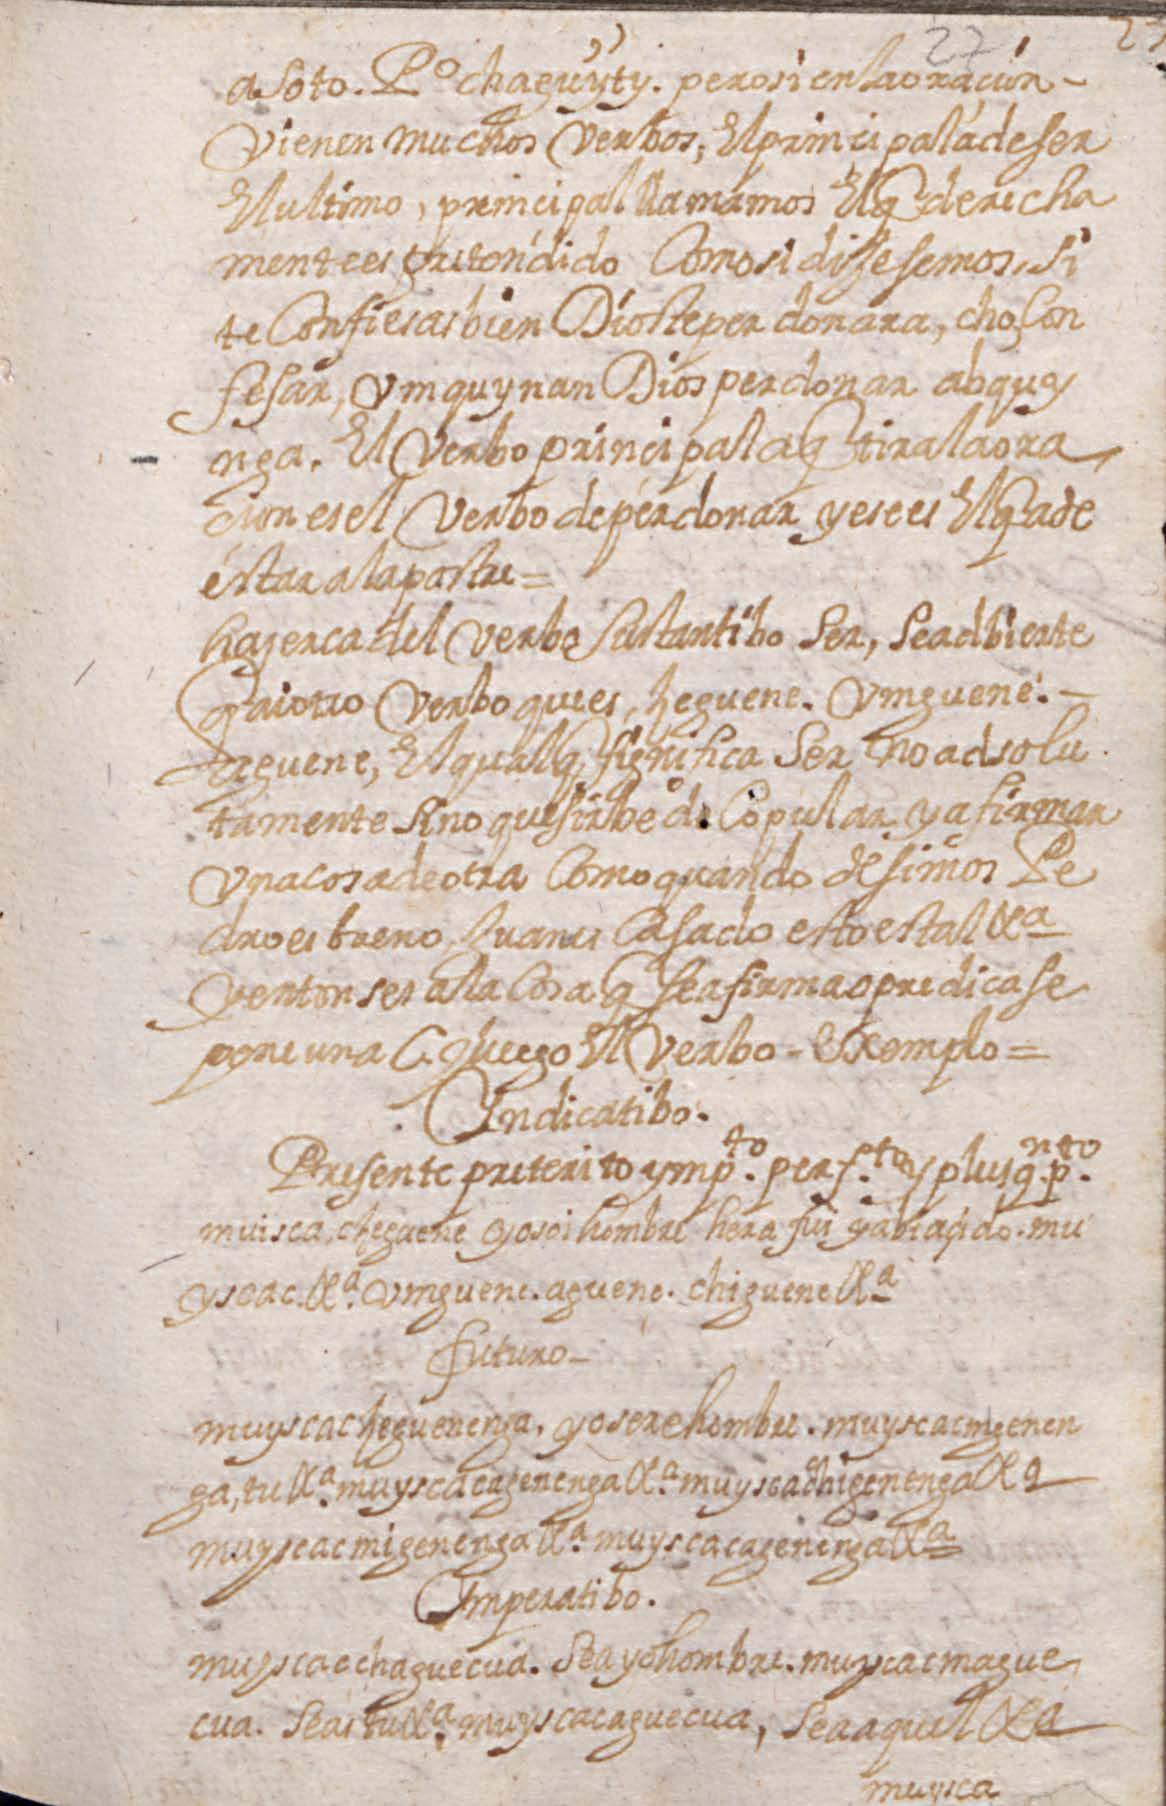 Manuscrito 158 BNC Gramatica - fol 27r.jpg